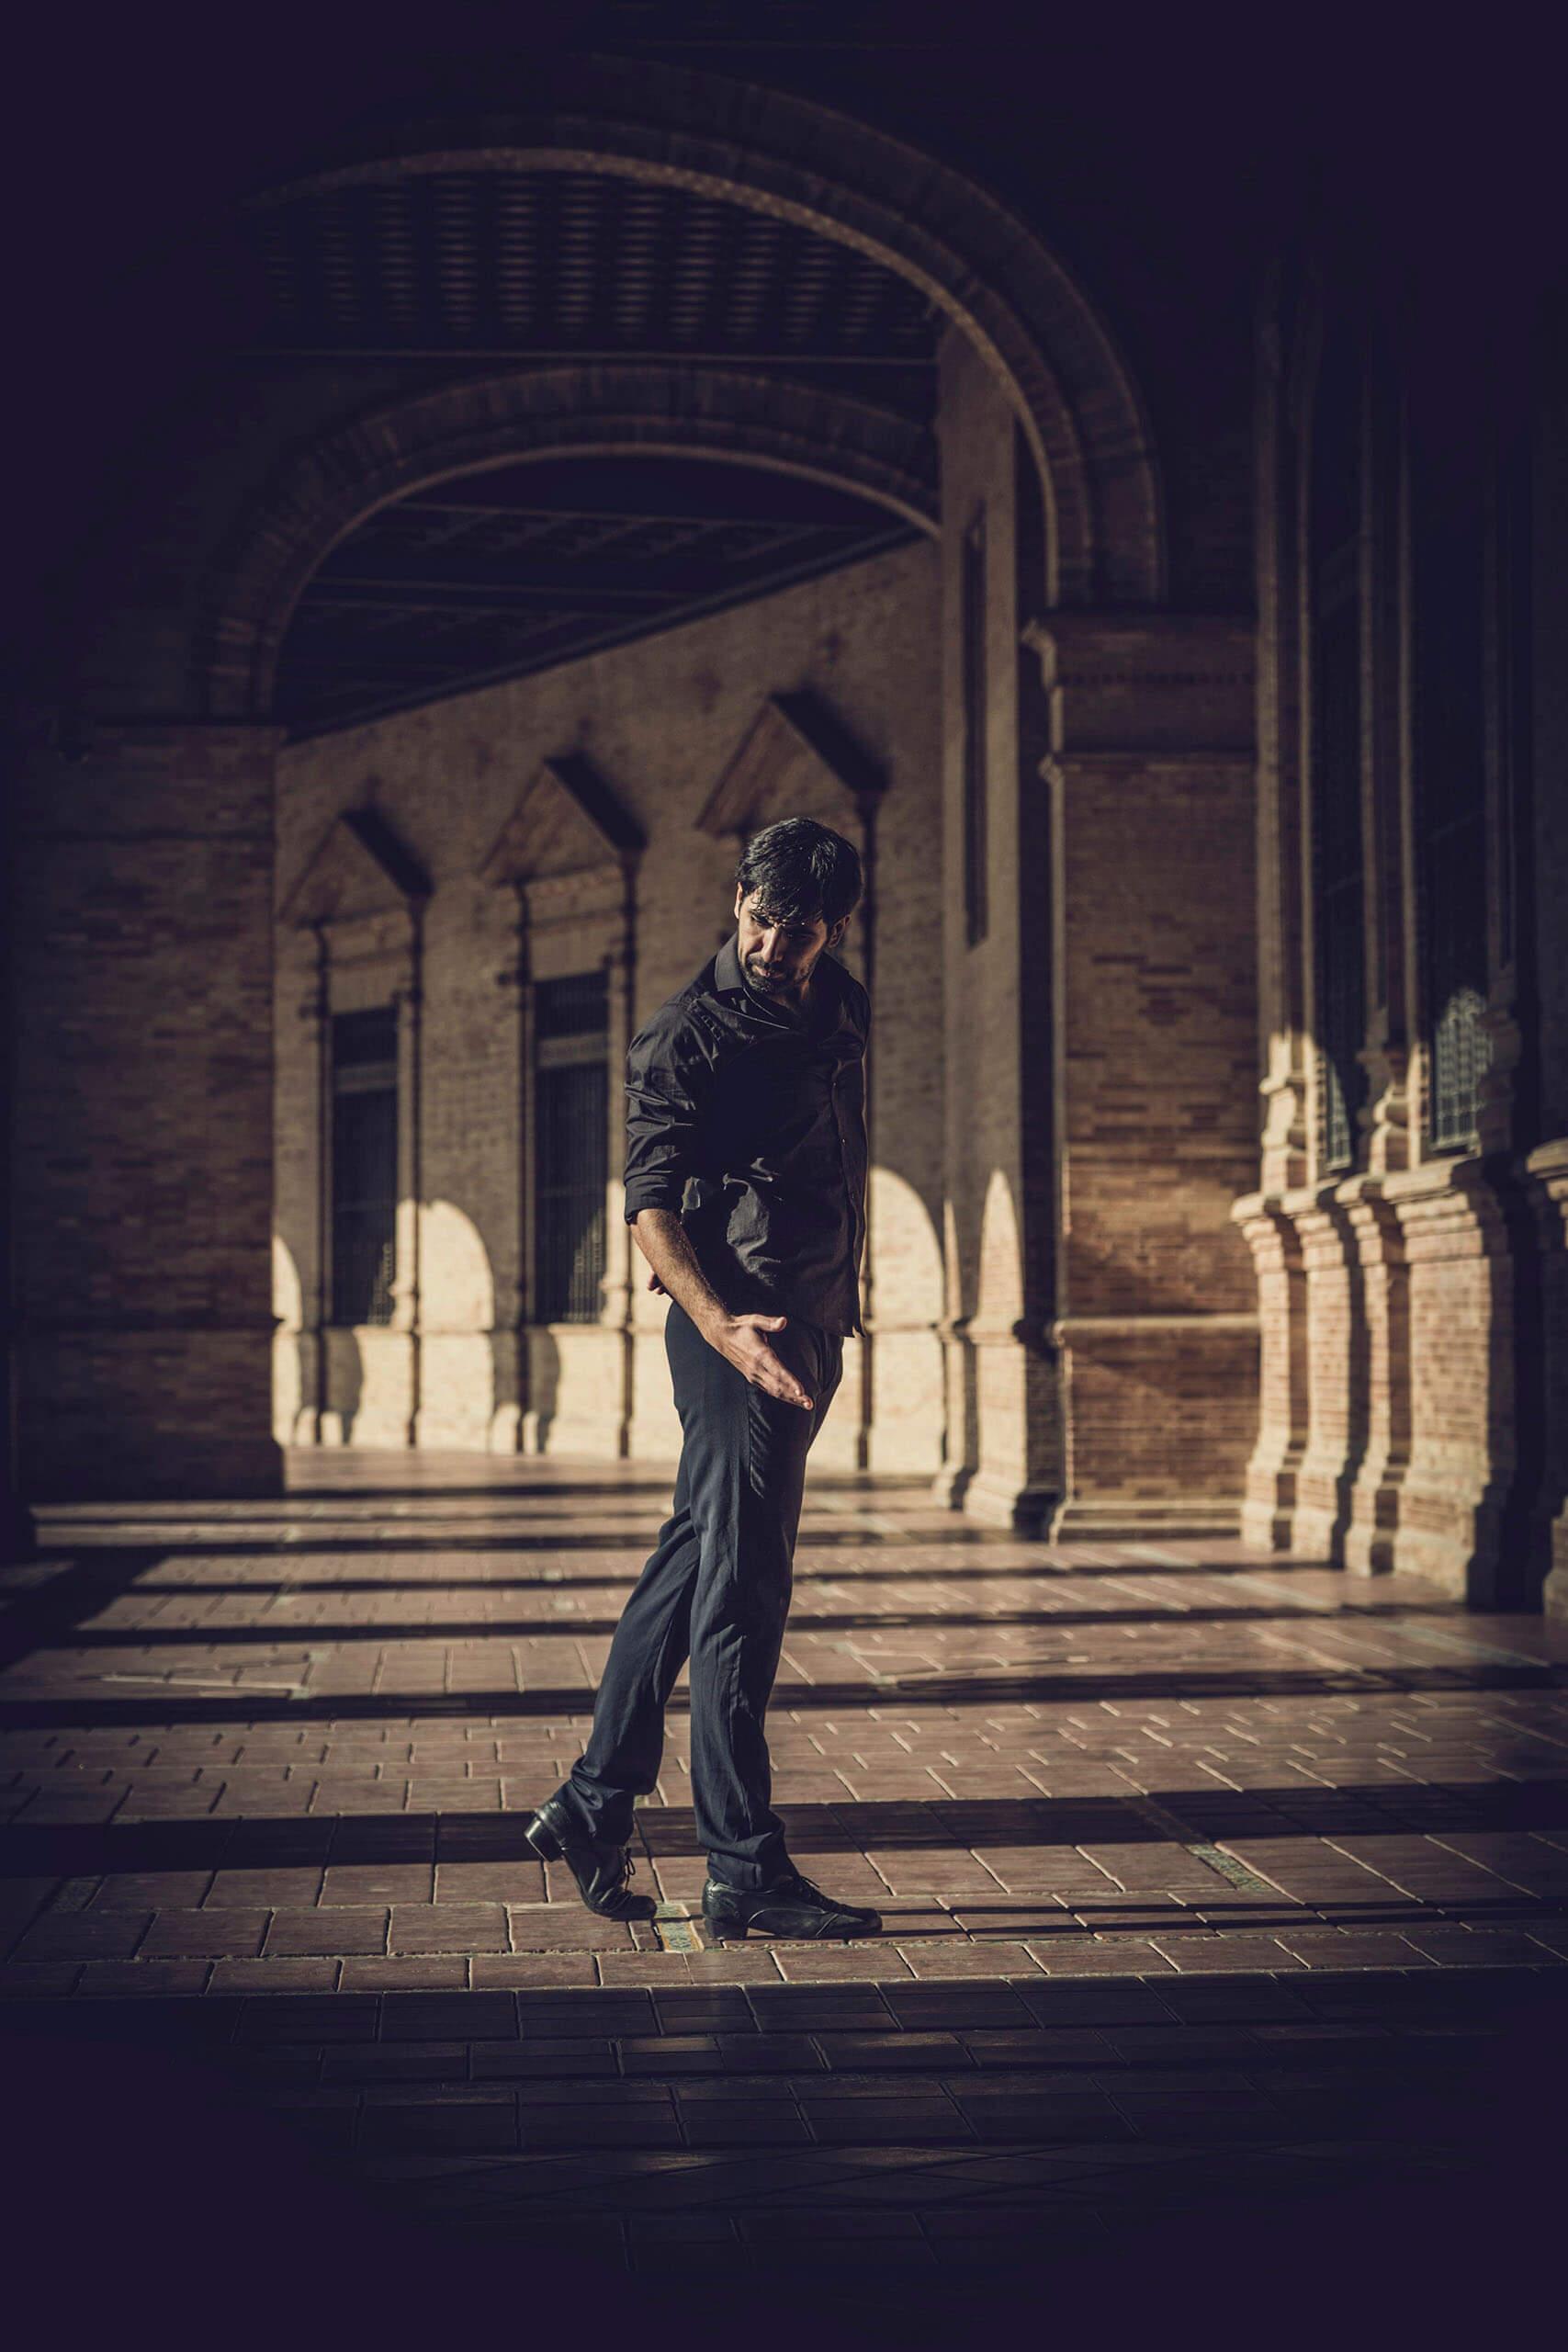 flamenco fotograaf Photography artiest